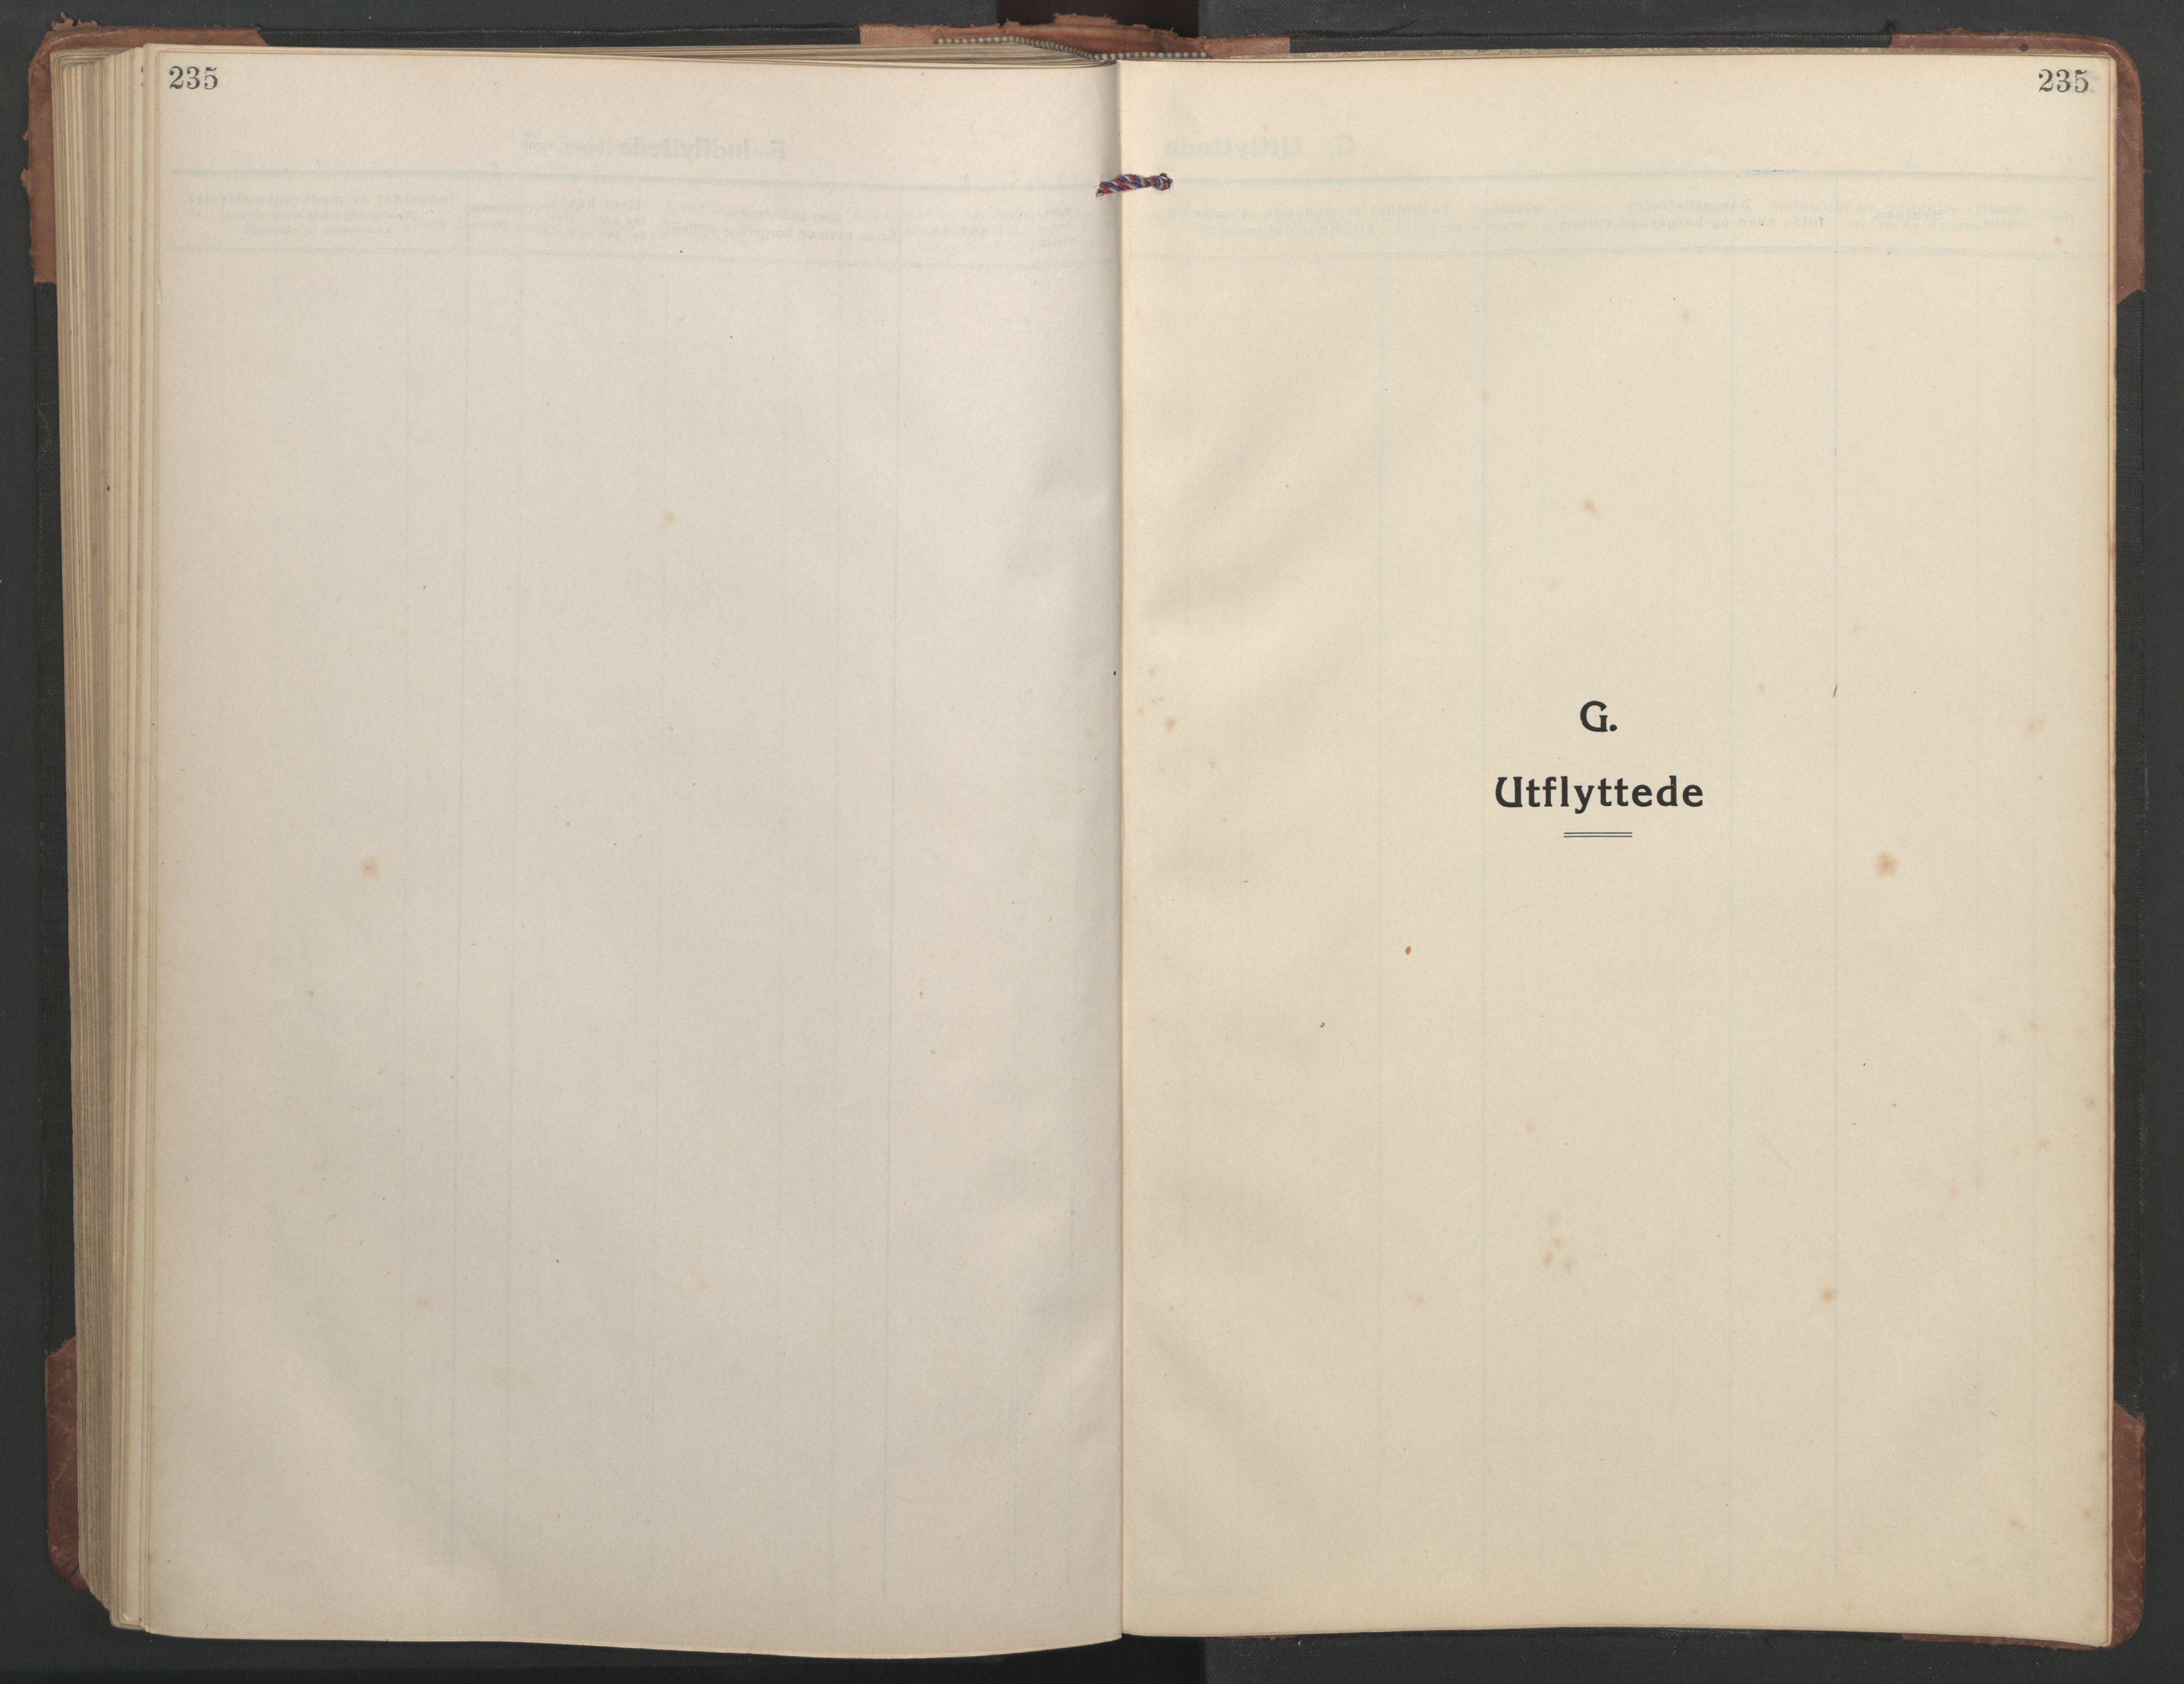 SAT, Ministerialprotokoller, klokkerbøker og fødselsregistre - Sør-Trøndelag, 638/L0569: Klokkerbok nr. 638C01, 1923-1961, s. 235